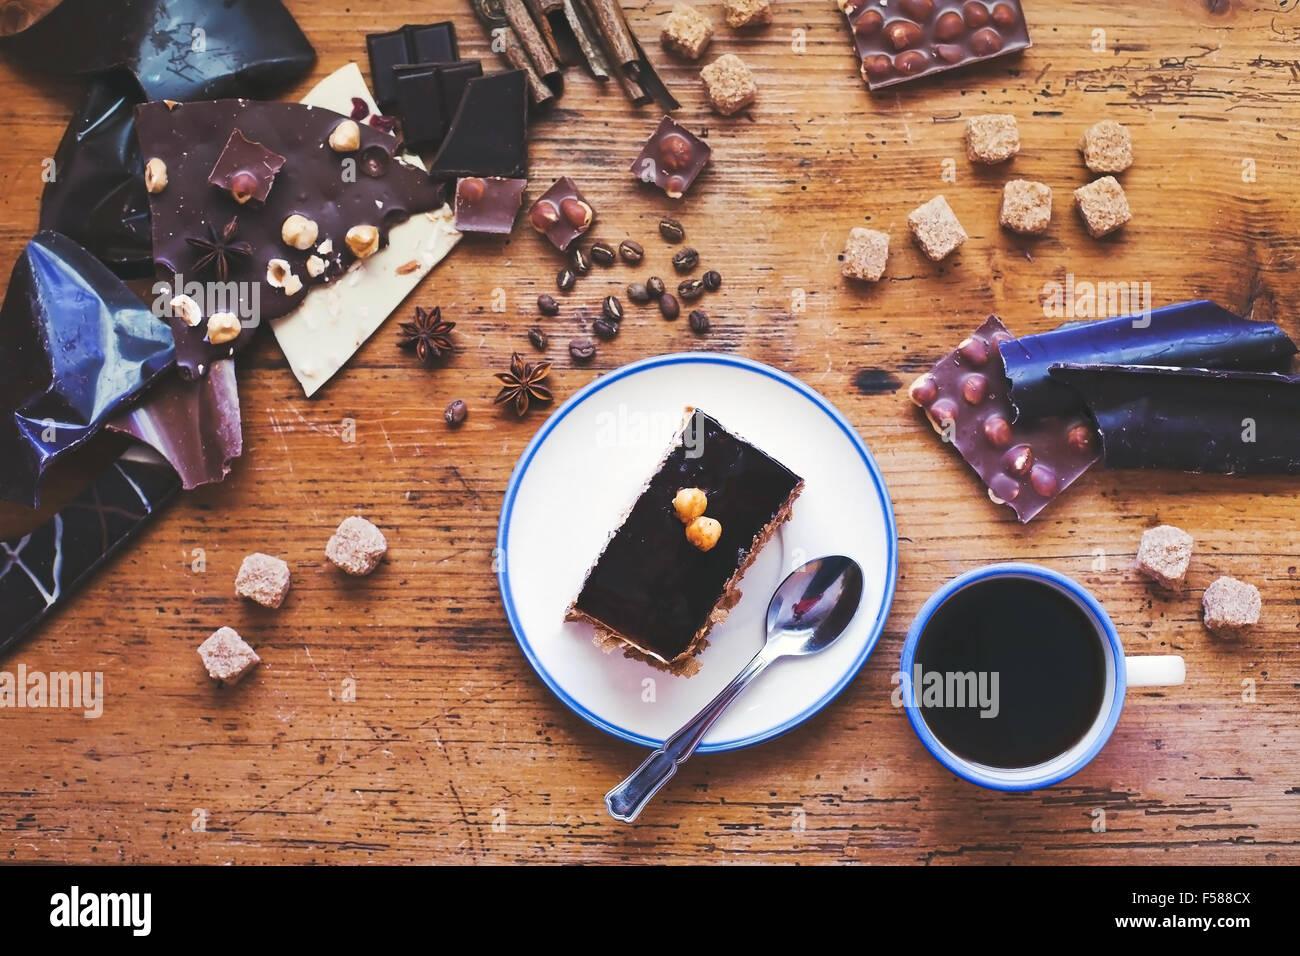 Gâteau au chocolat et café sur la table, dessert sucré Photo Stock